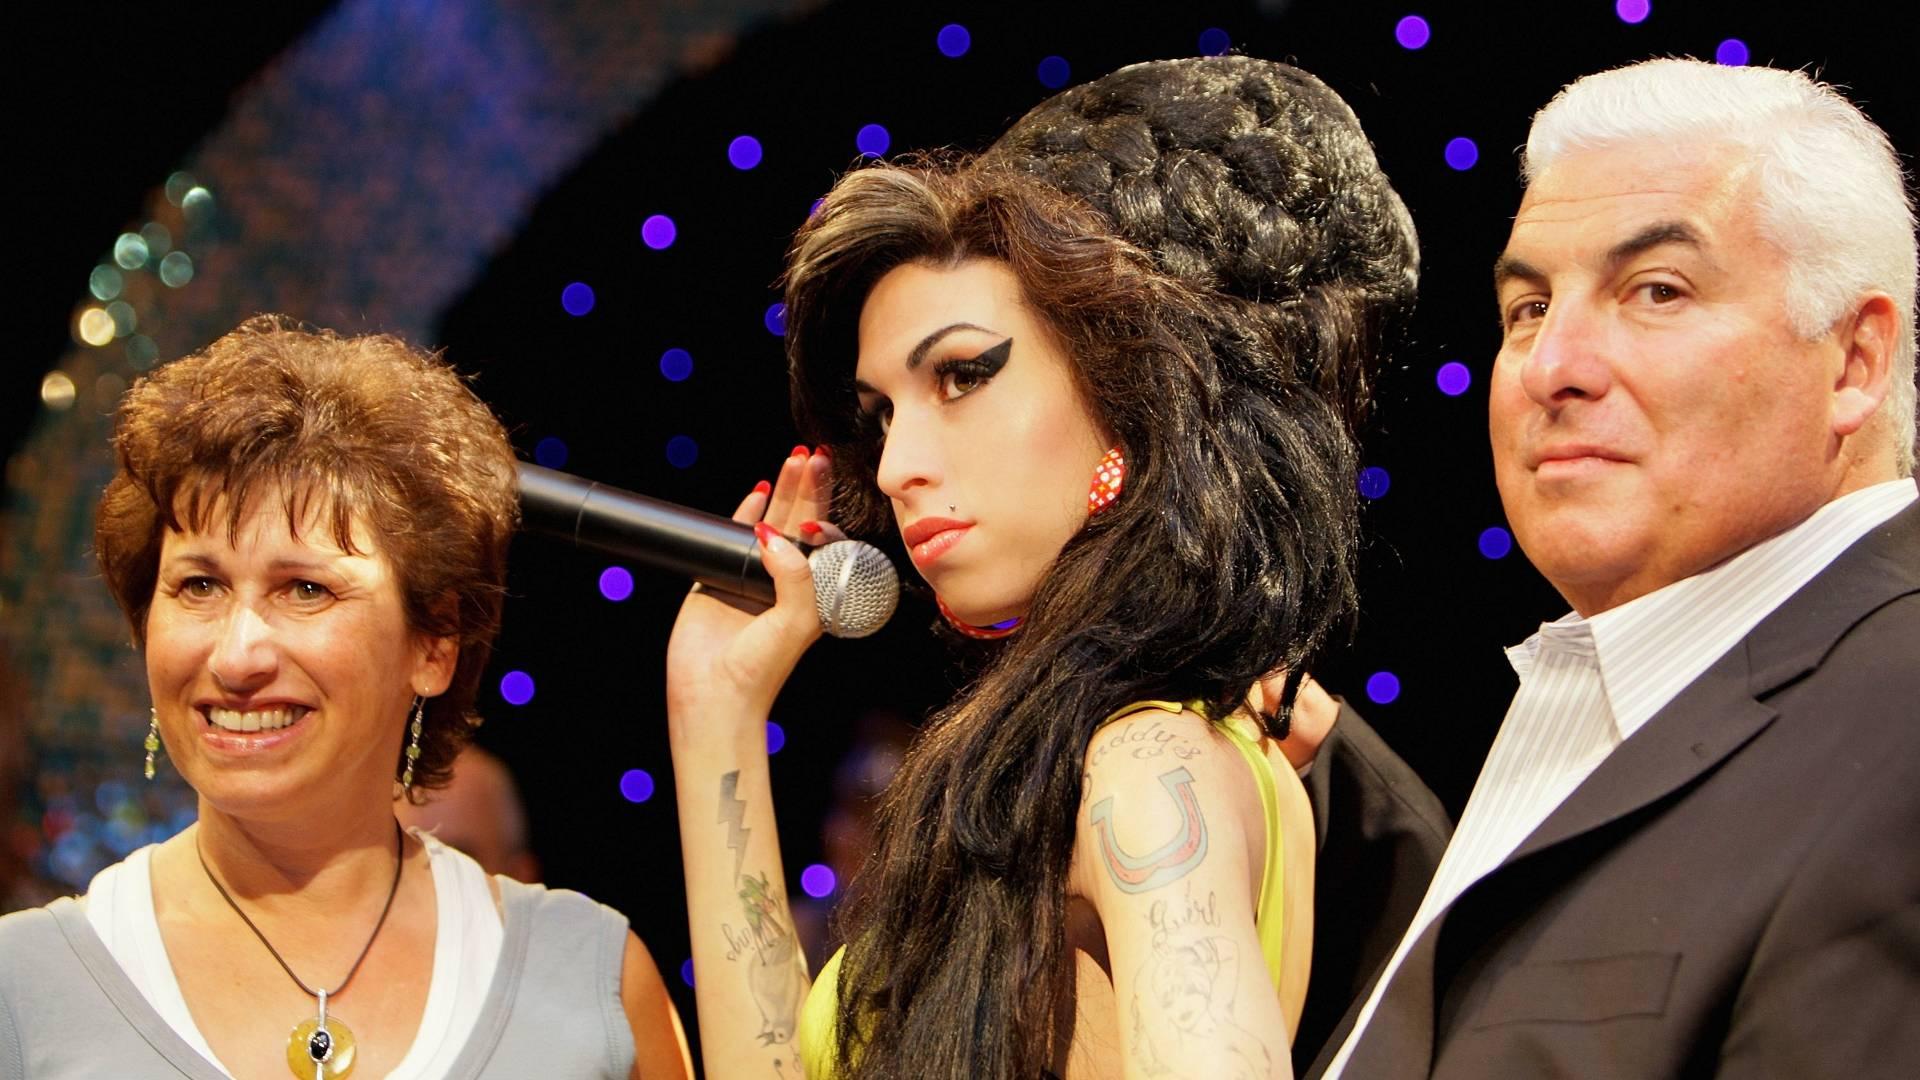 Janice e Mitch Winehouse, pais da cantora de Amy Winehouse, posam ao lado da figura de cera da cantora no museu Madame Tussauds de Londres (23/7/2008)